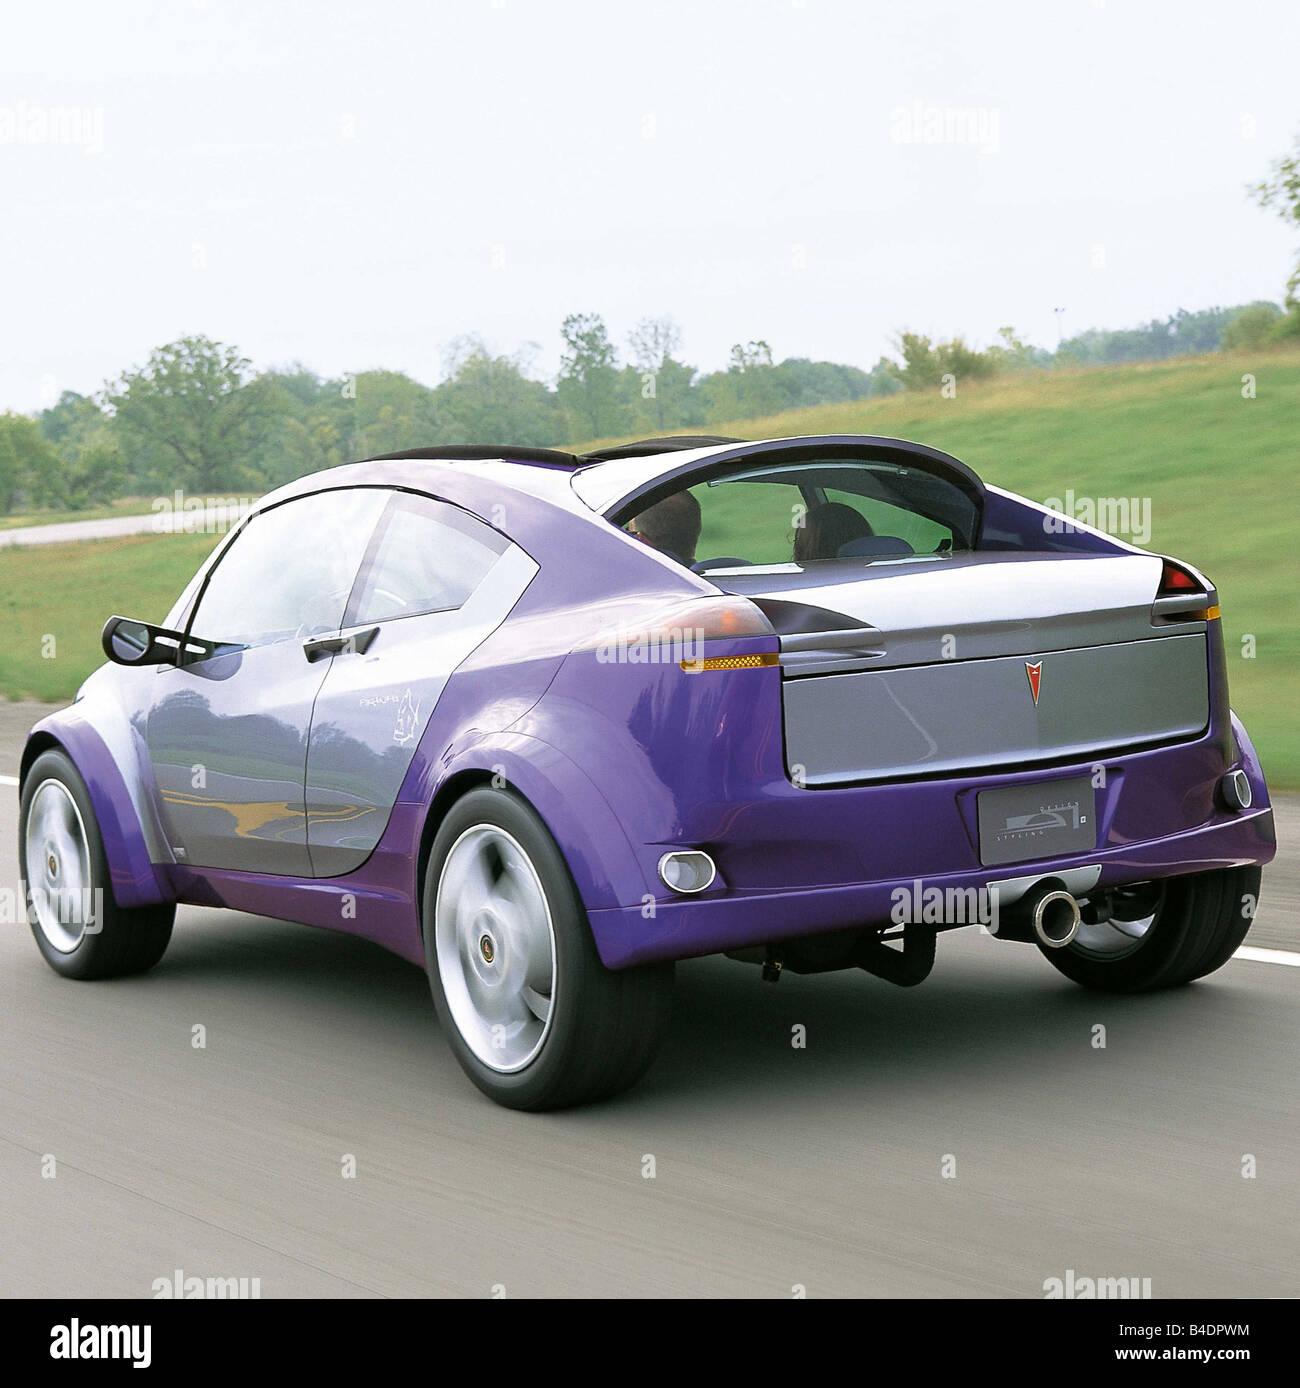 Unique Pontiac Car Models List Adornment - Classic Cars Ideas - boiq ...